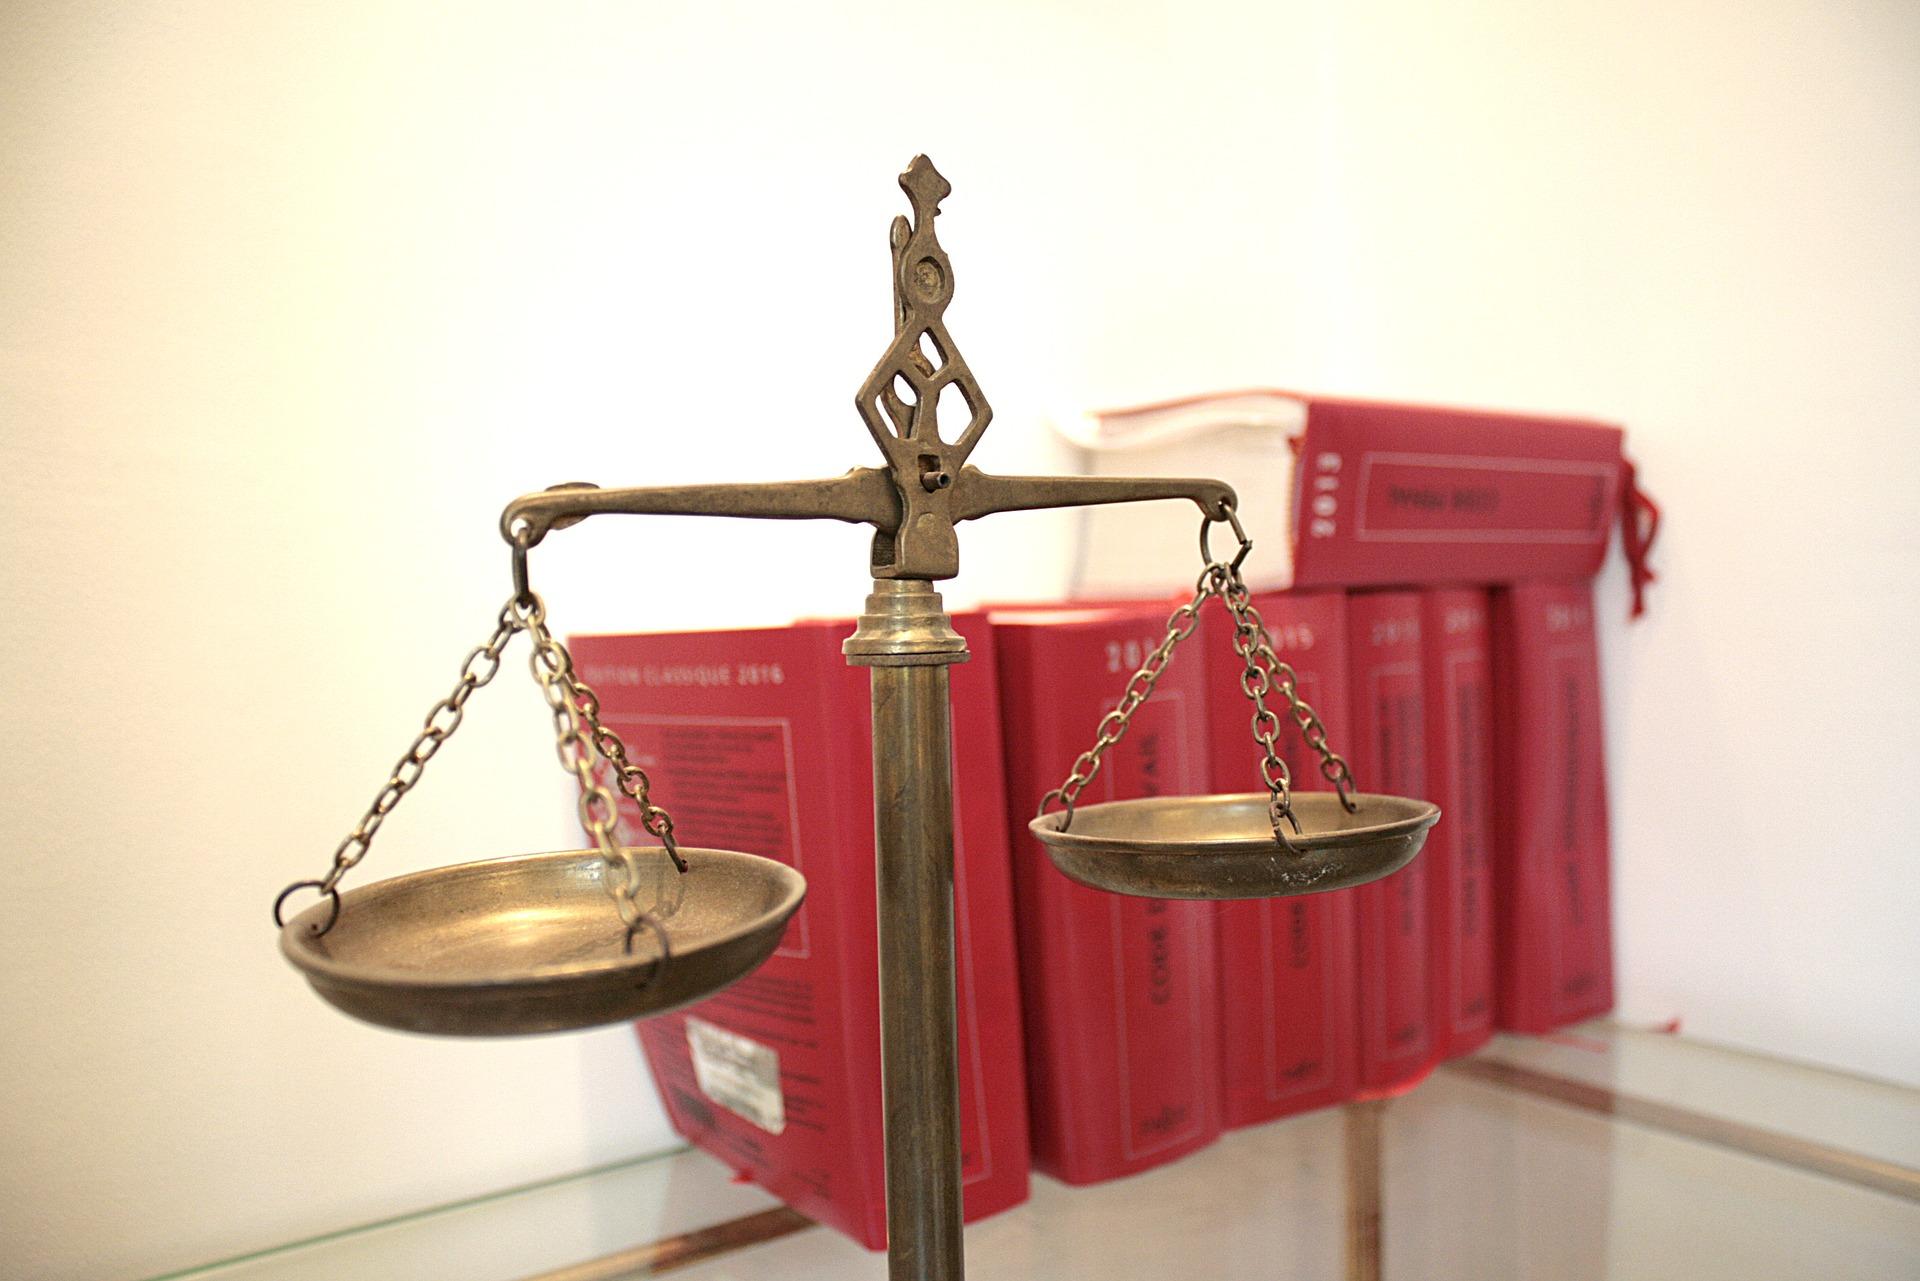 Autorenleben-Finanzamt-Rechtliches